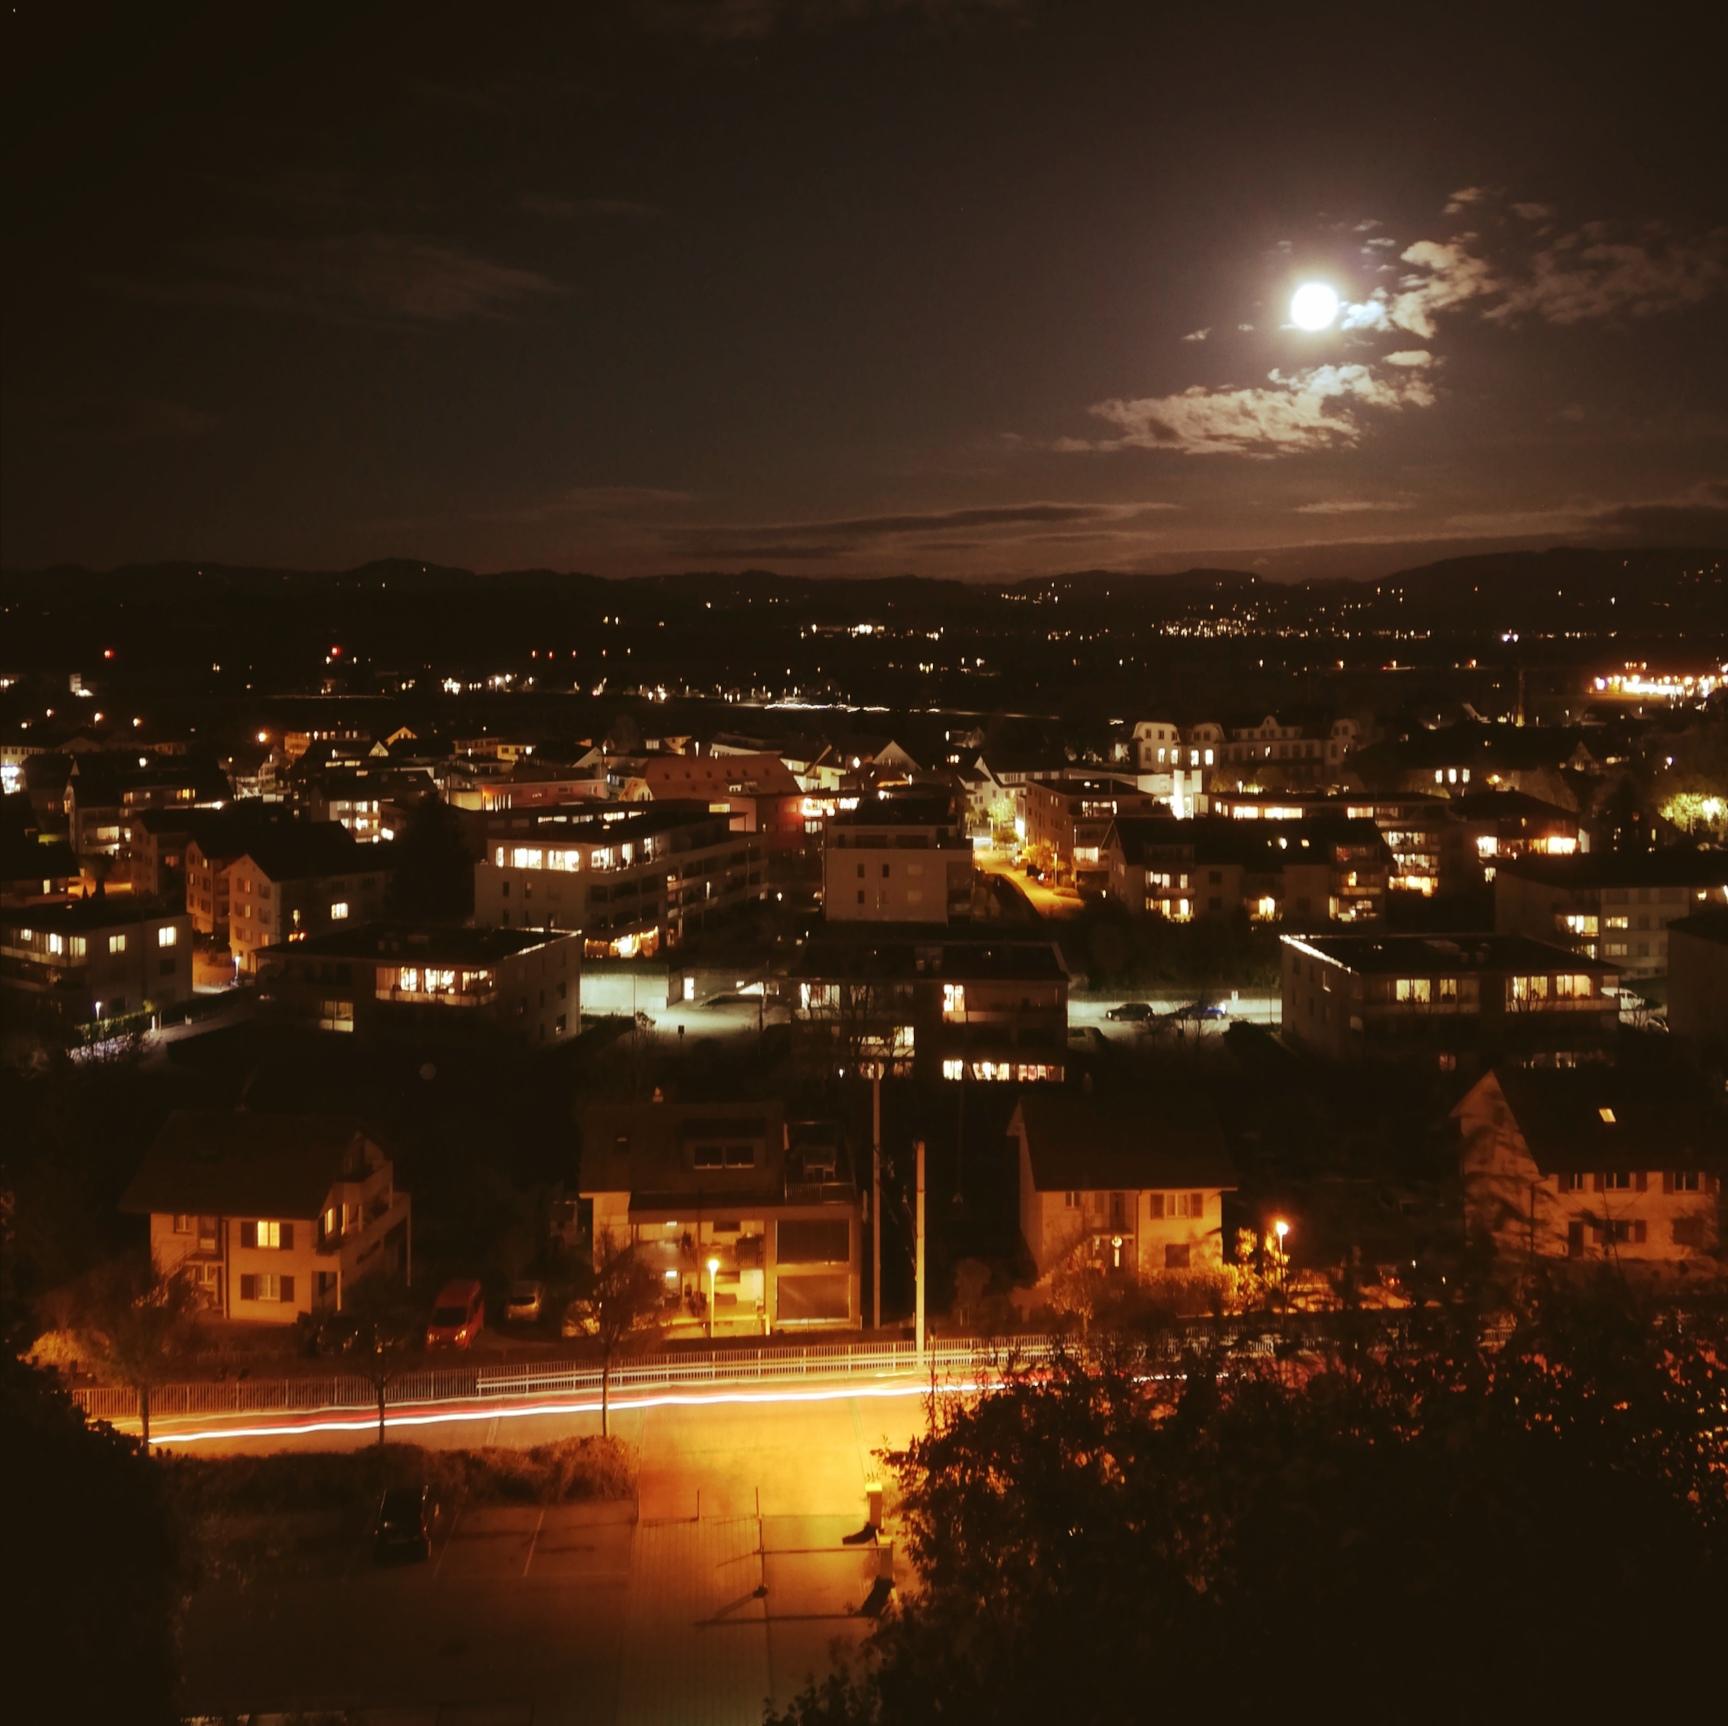 Pleine Lune à Belp - Vollmond Belp